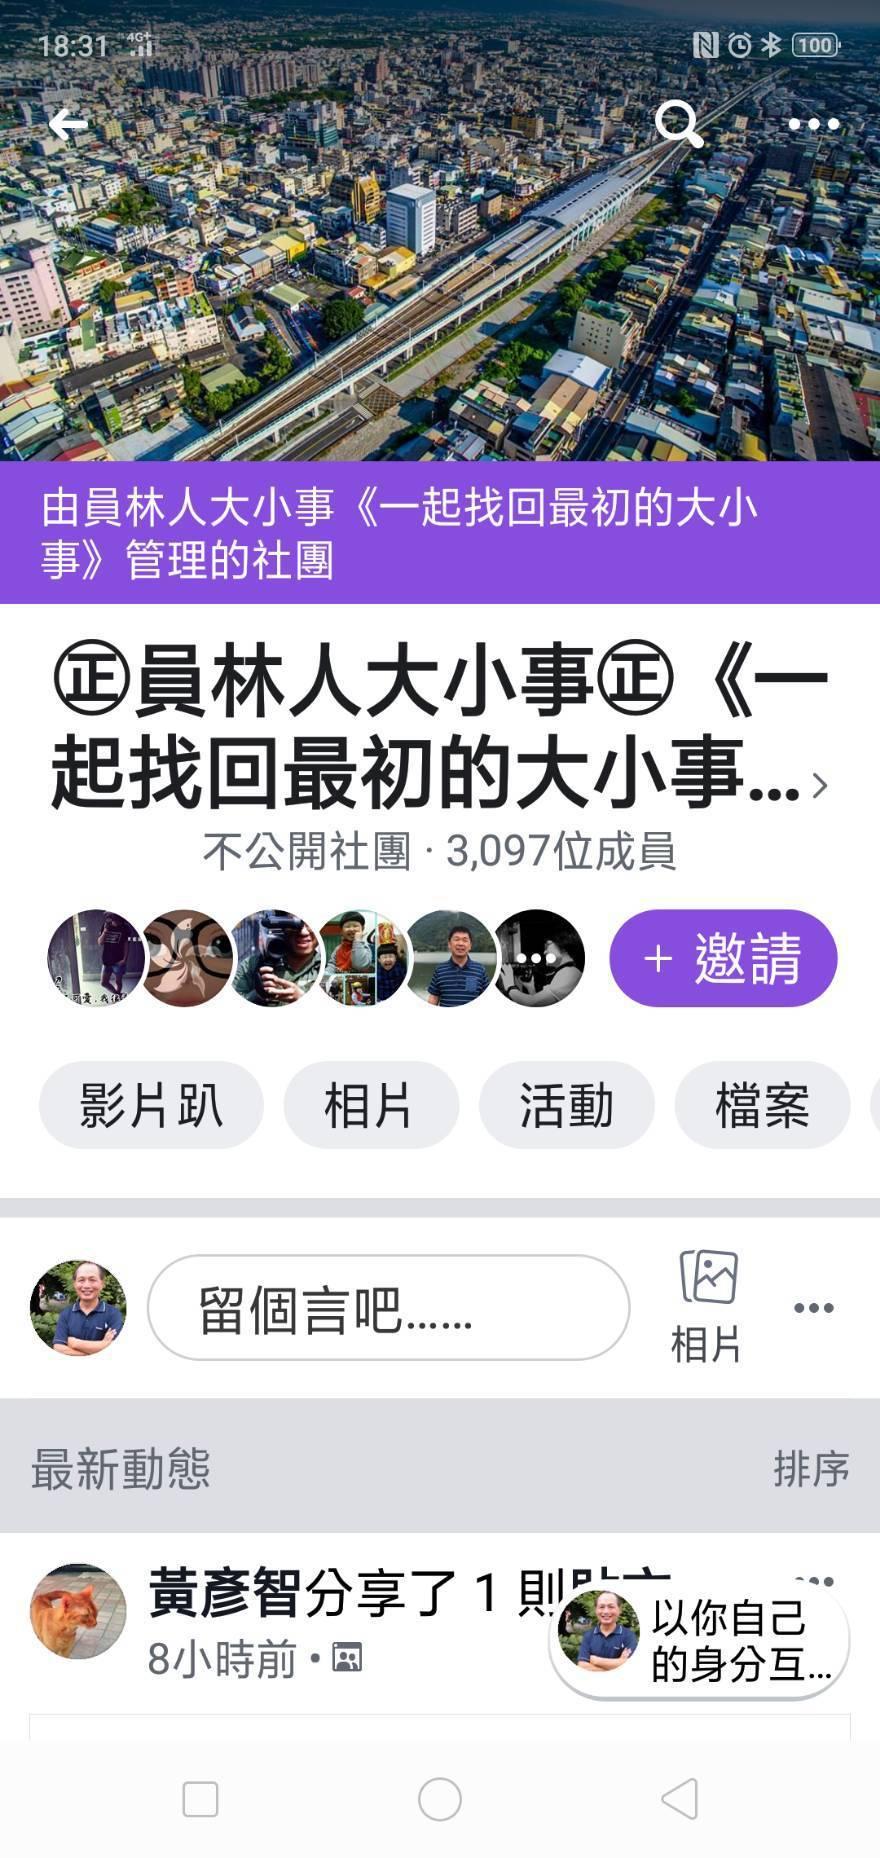 有15萬多名粉絲的彰化縣「員林人大小事」社團遭人檢舉,被臉書官方移除,版主成立新...